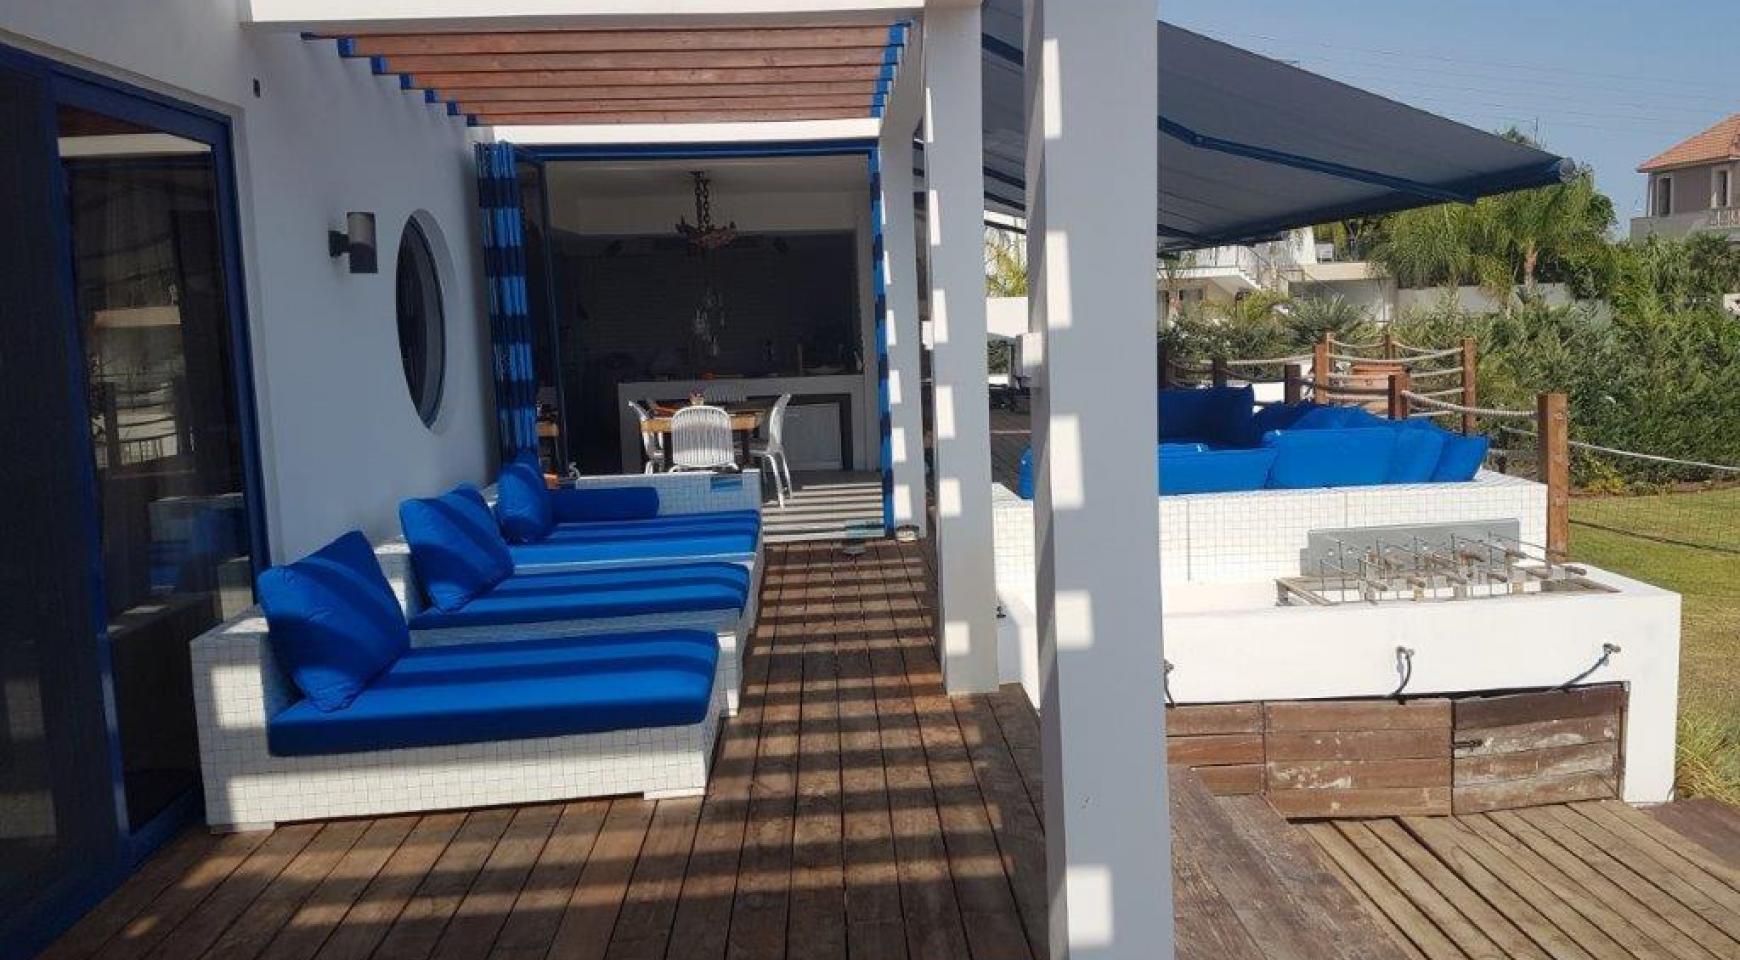 5 Bedroom Villa with Sea Views in Agios Tychonas Area - 4